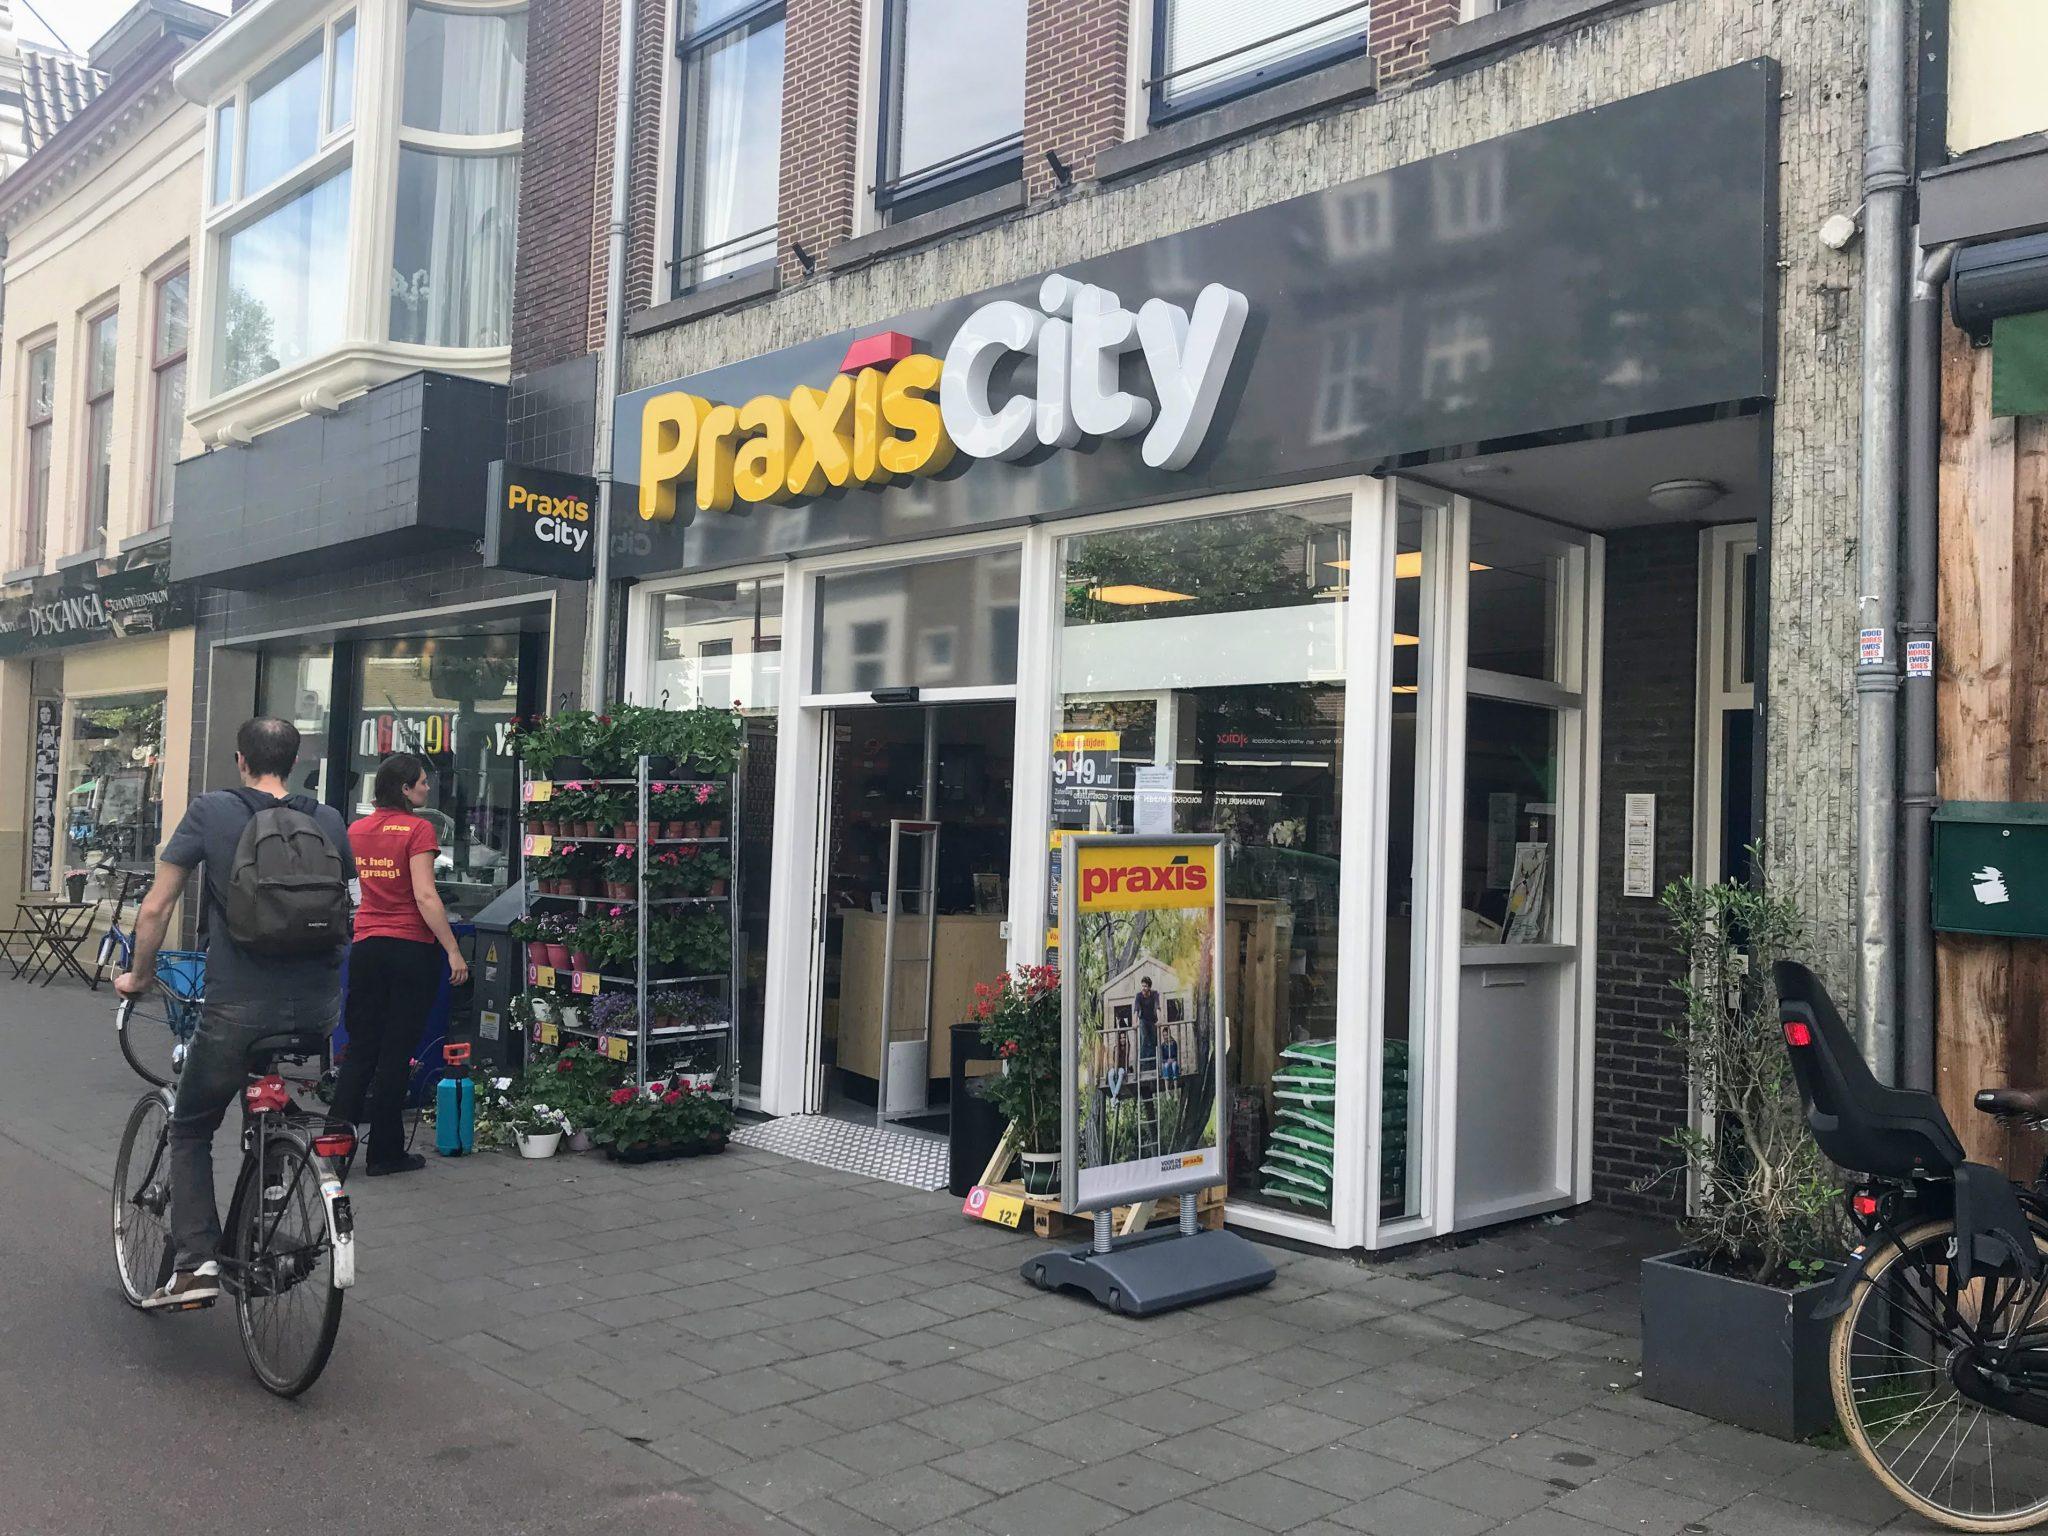 praxis-city-utrecht-2-1